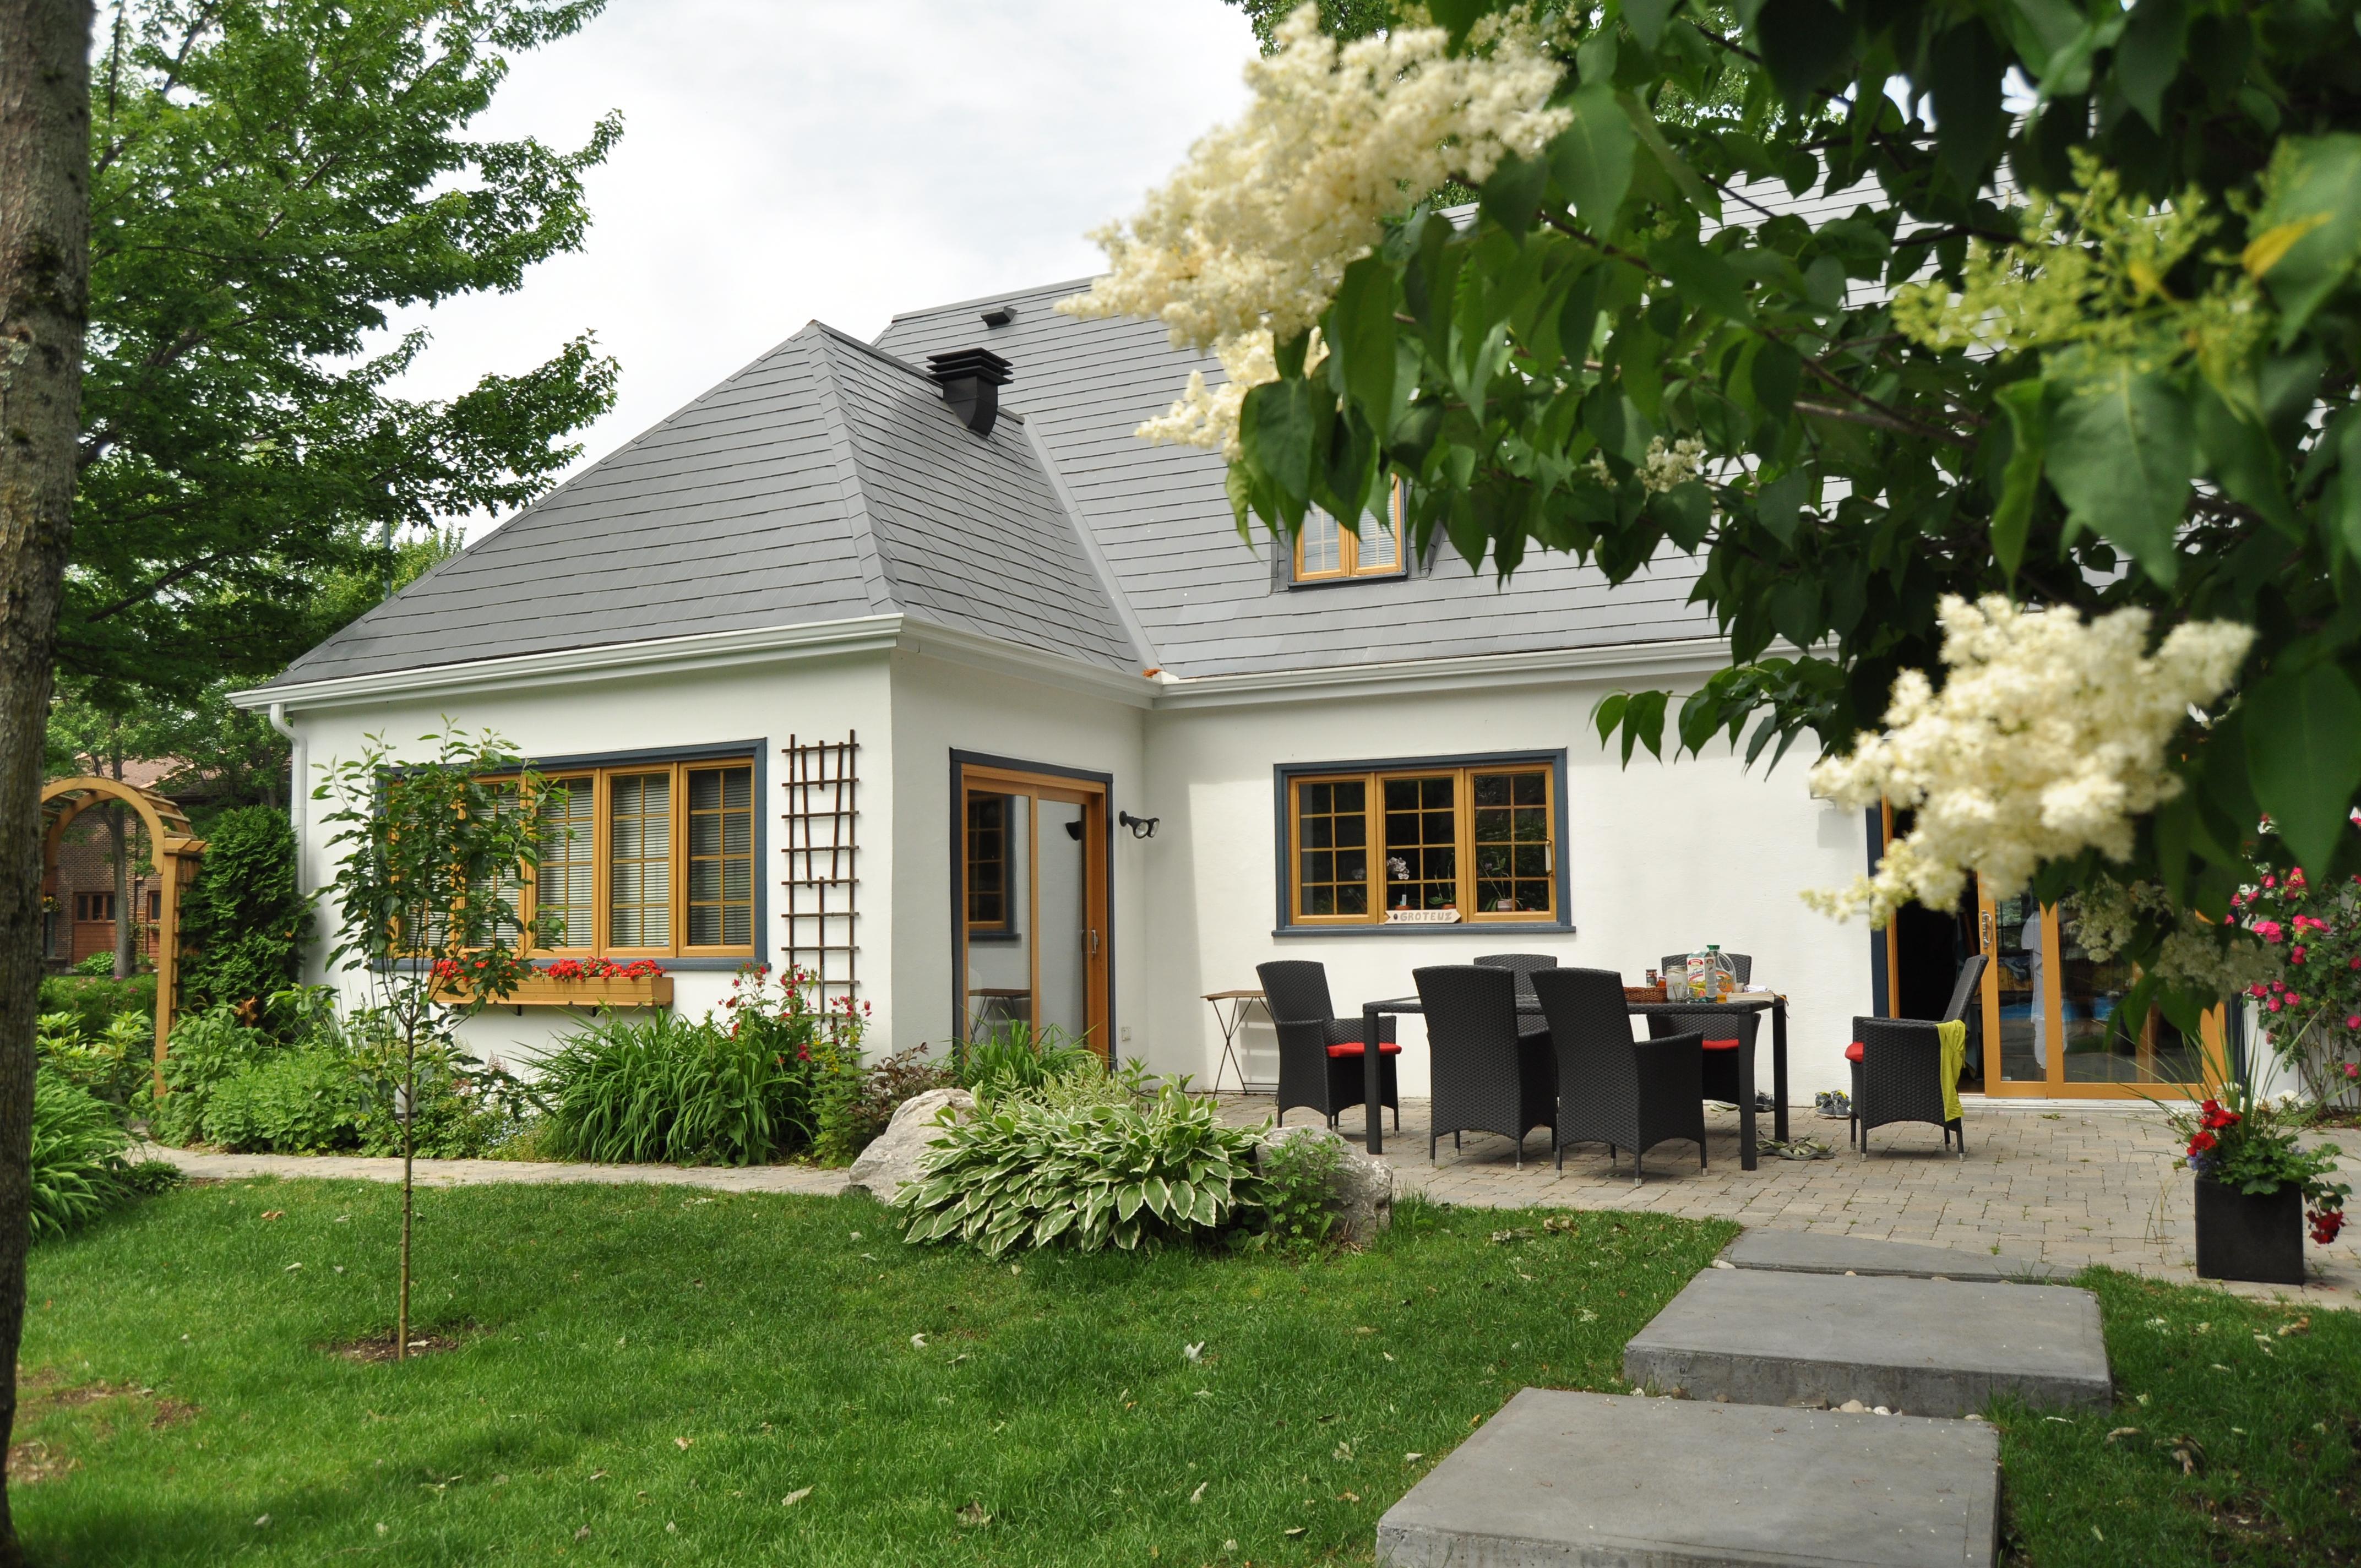 ferienhausmiete versus home exchange oder tausch von haus. Black Bedroom Furniture Sets. Home Design Ideas